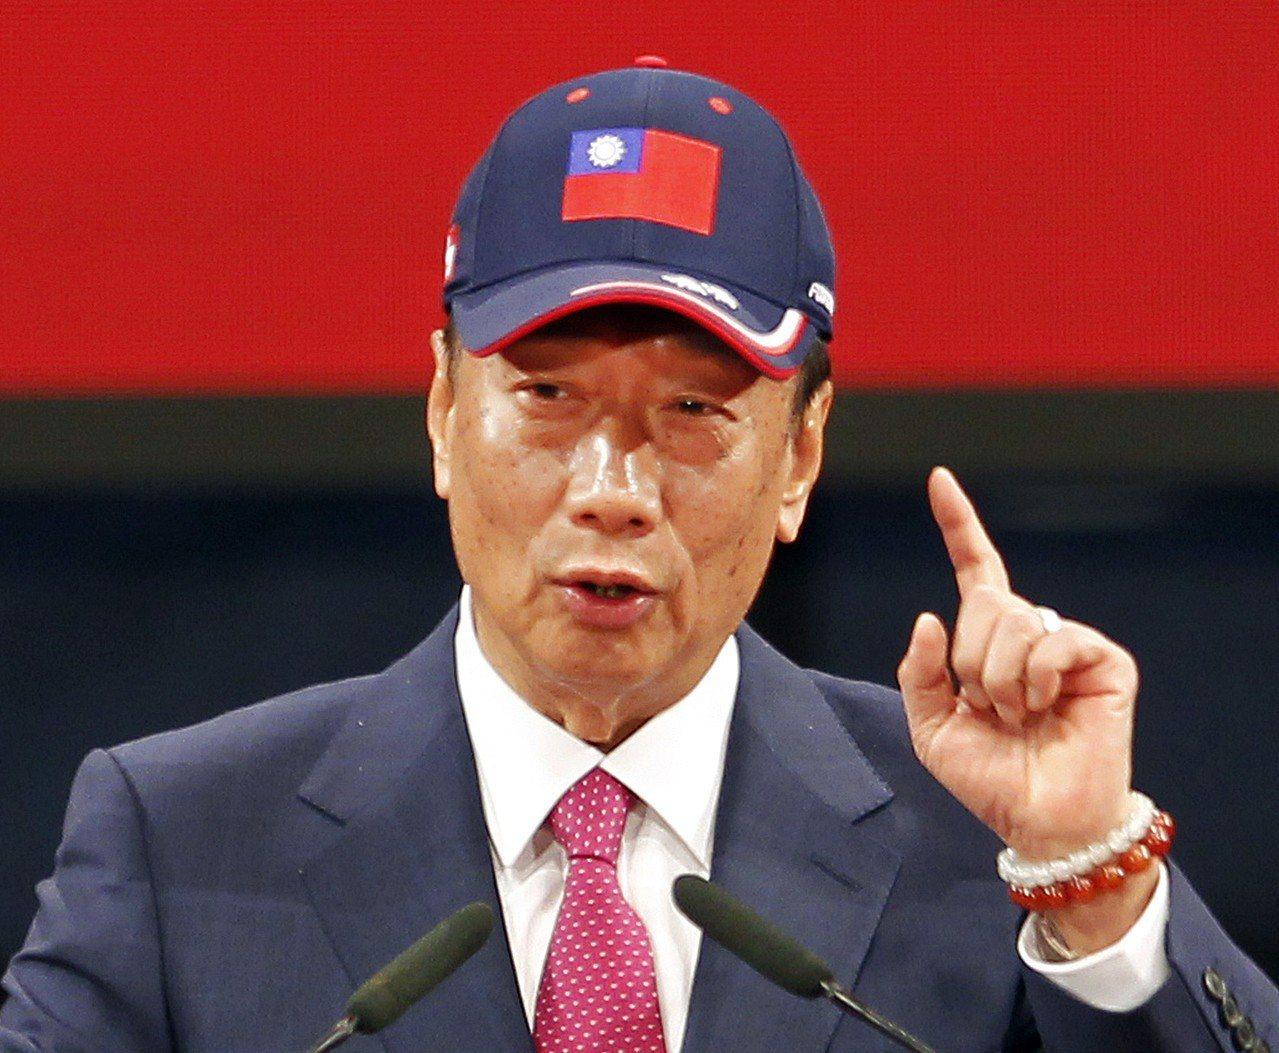 鴻海董事長轉投政治,金融時報認為接棒經營者前路艱辛。 美聯社